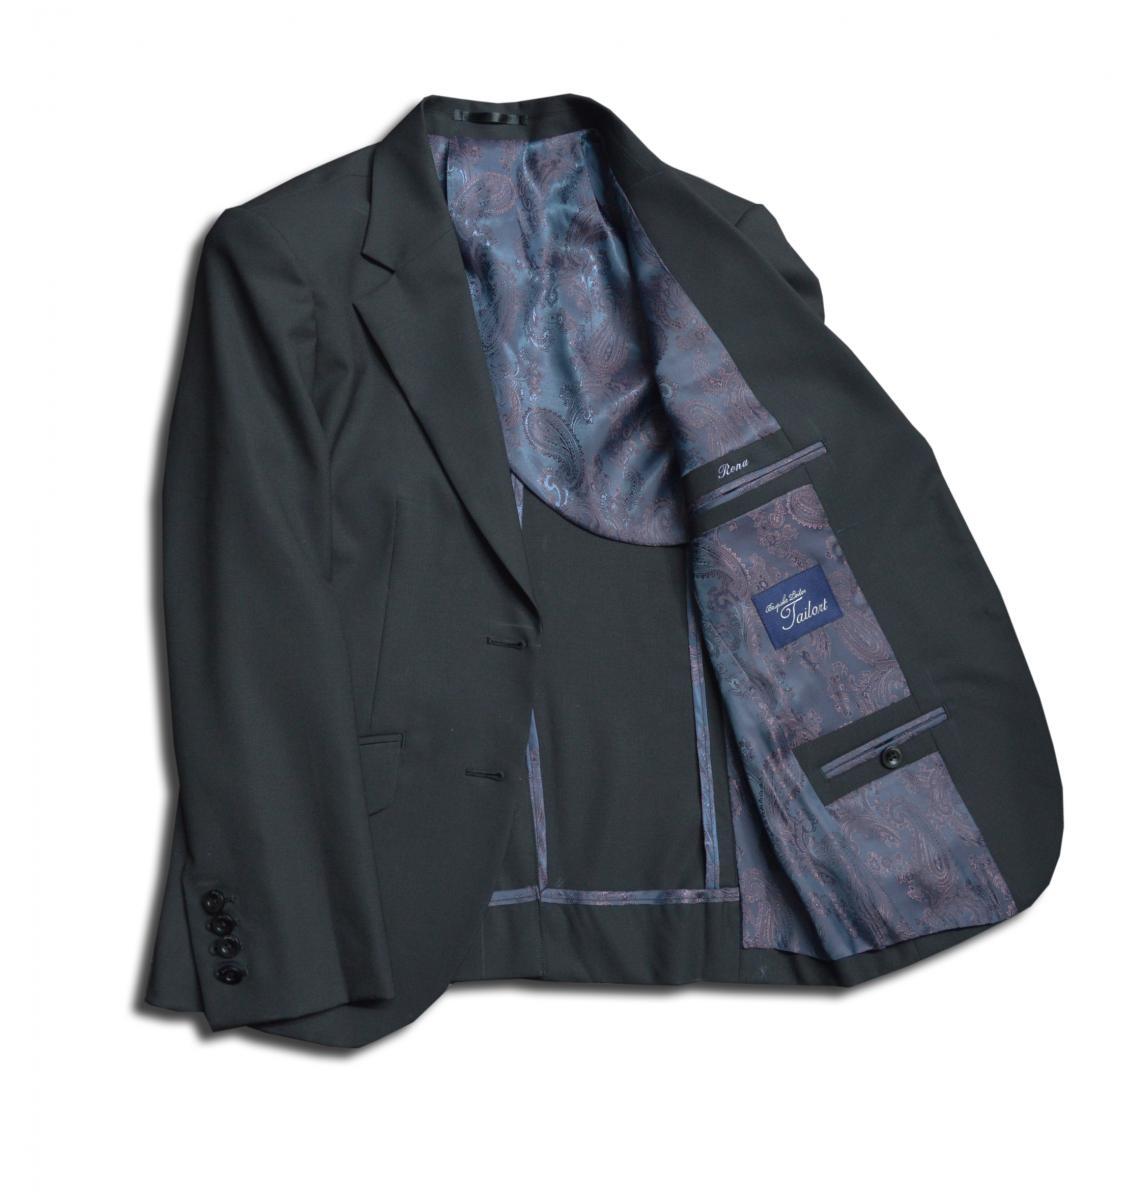 [オーダースーツ]ど定番といえば、黒ウール。ビジネスでも礼服でも一着は持っていたい。